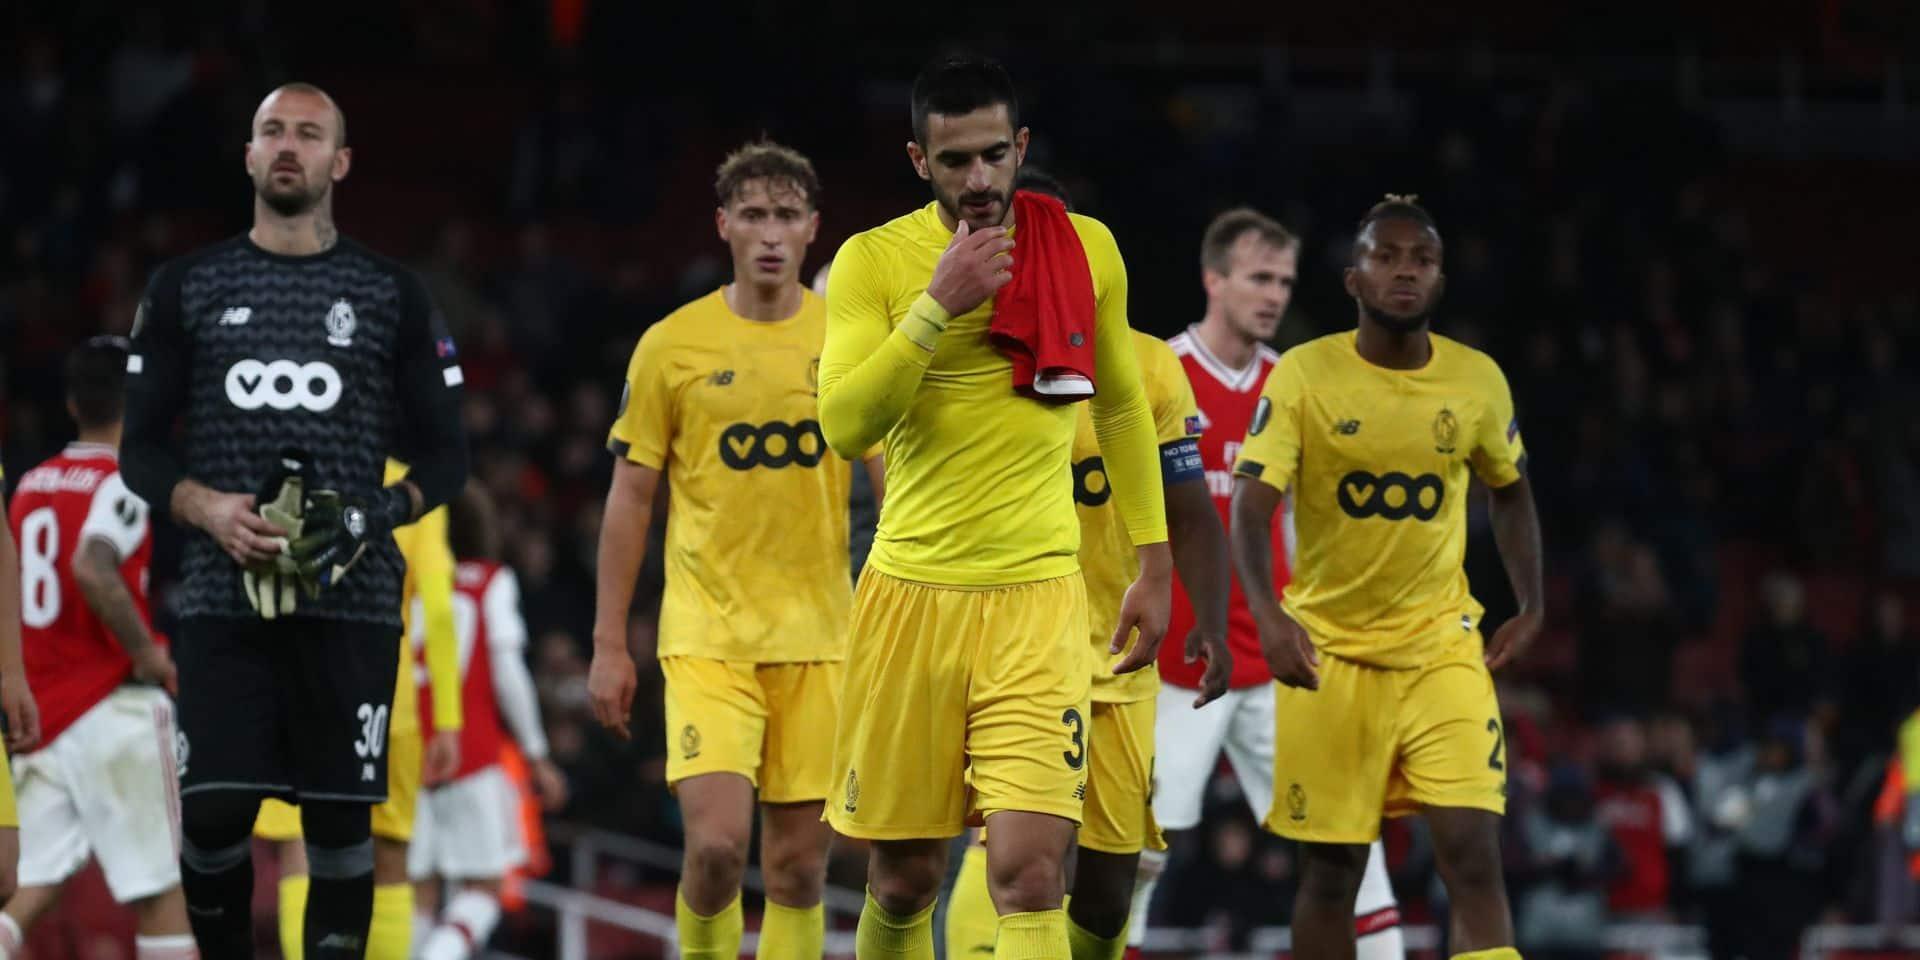 """Match d'Europa League du Standard reporté: """"Une fois de plus, il est regrettable de constater que les pressions financières ont prévalu"""""""